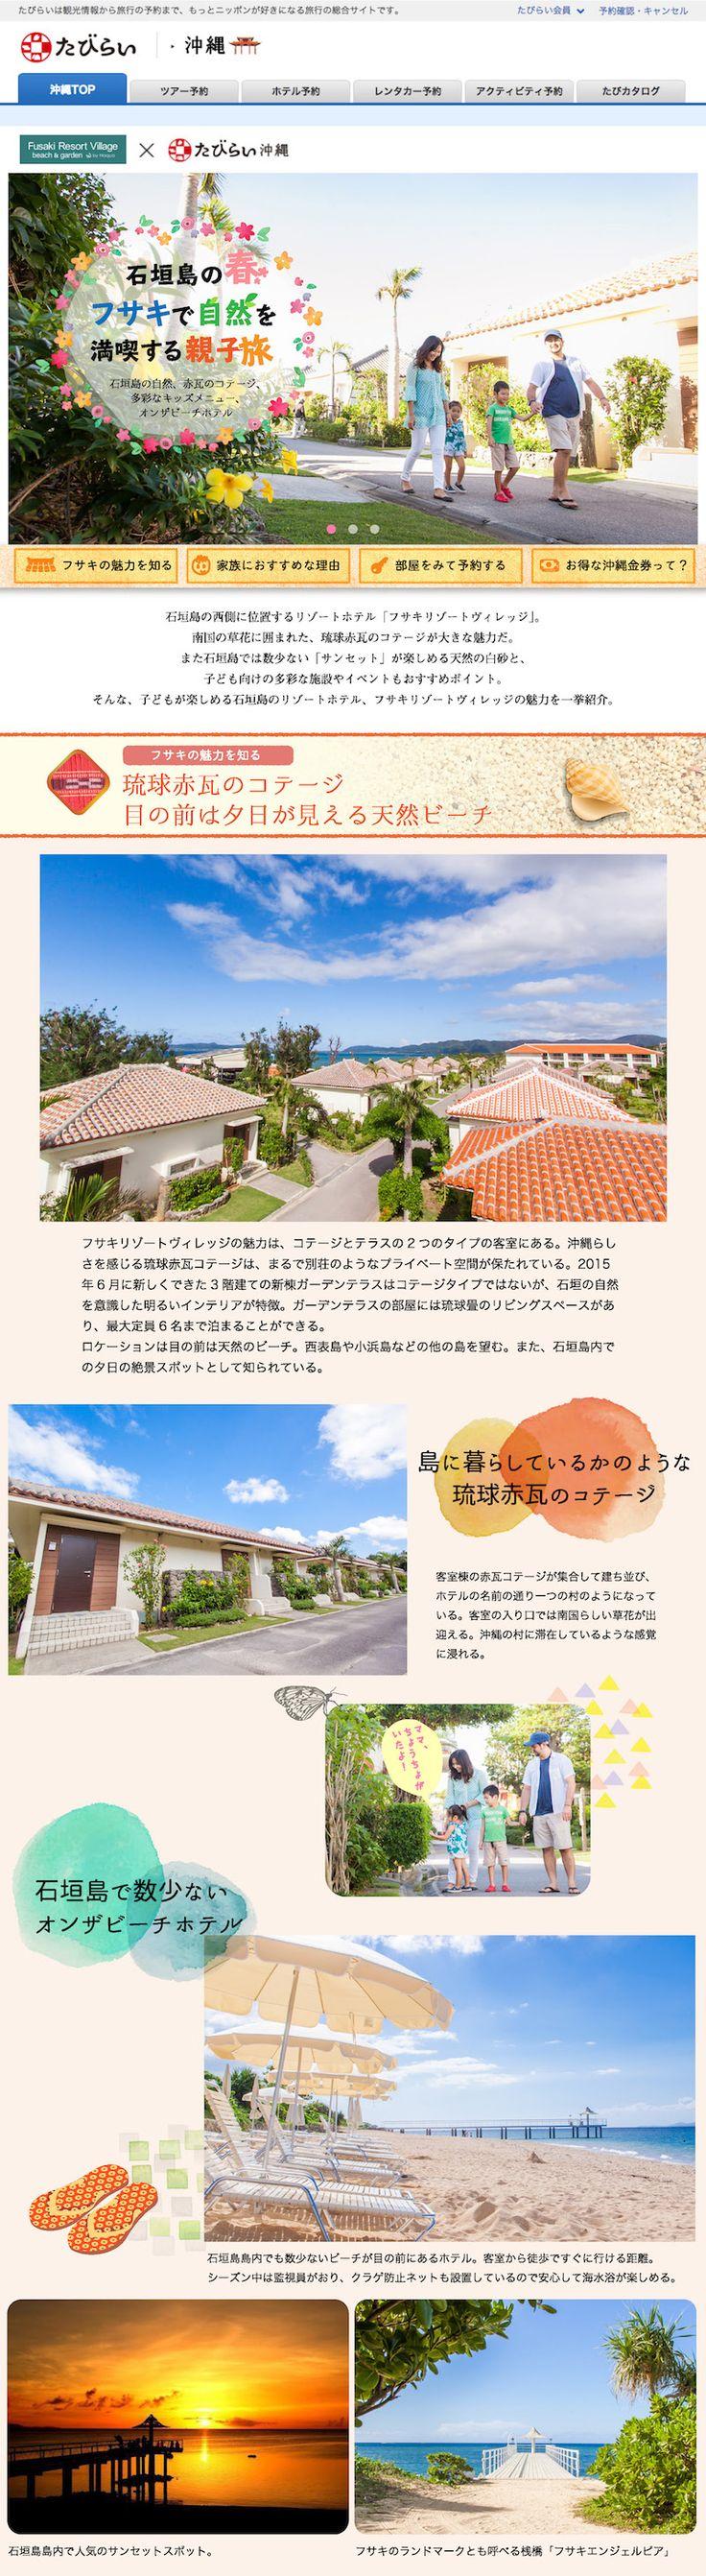 《たびらい沖縄》フサキリゾートヴィレッジ | 沖縄の広告制作会社 カリタス -Caritas-